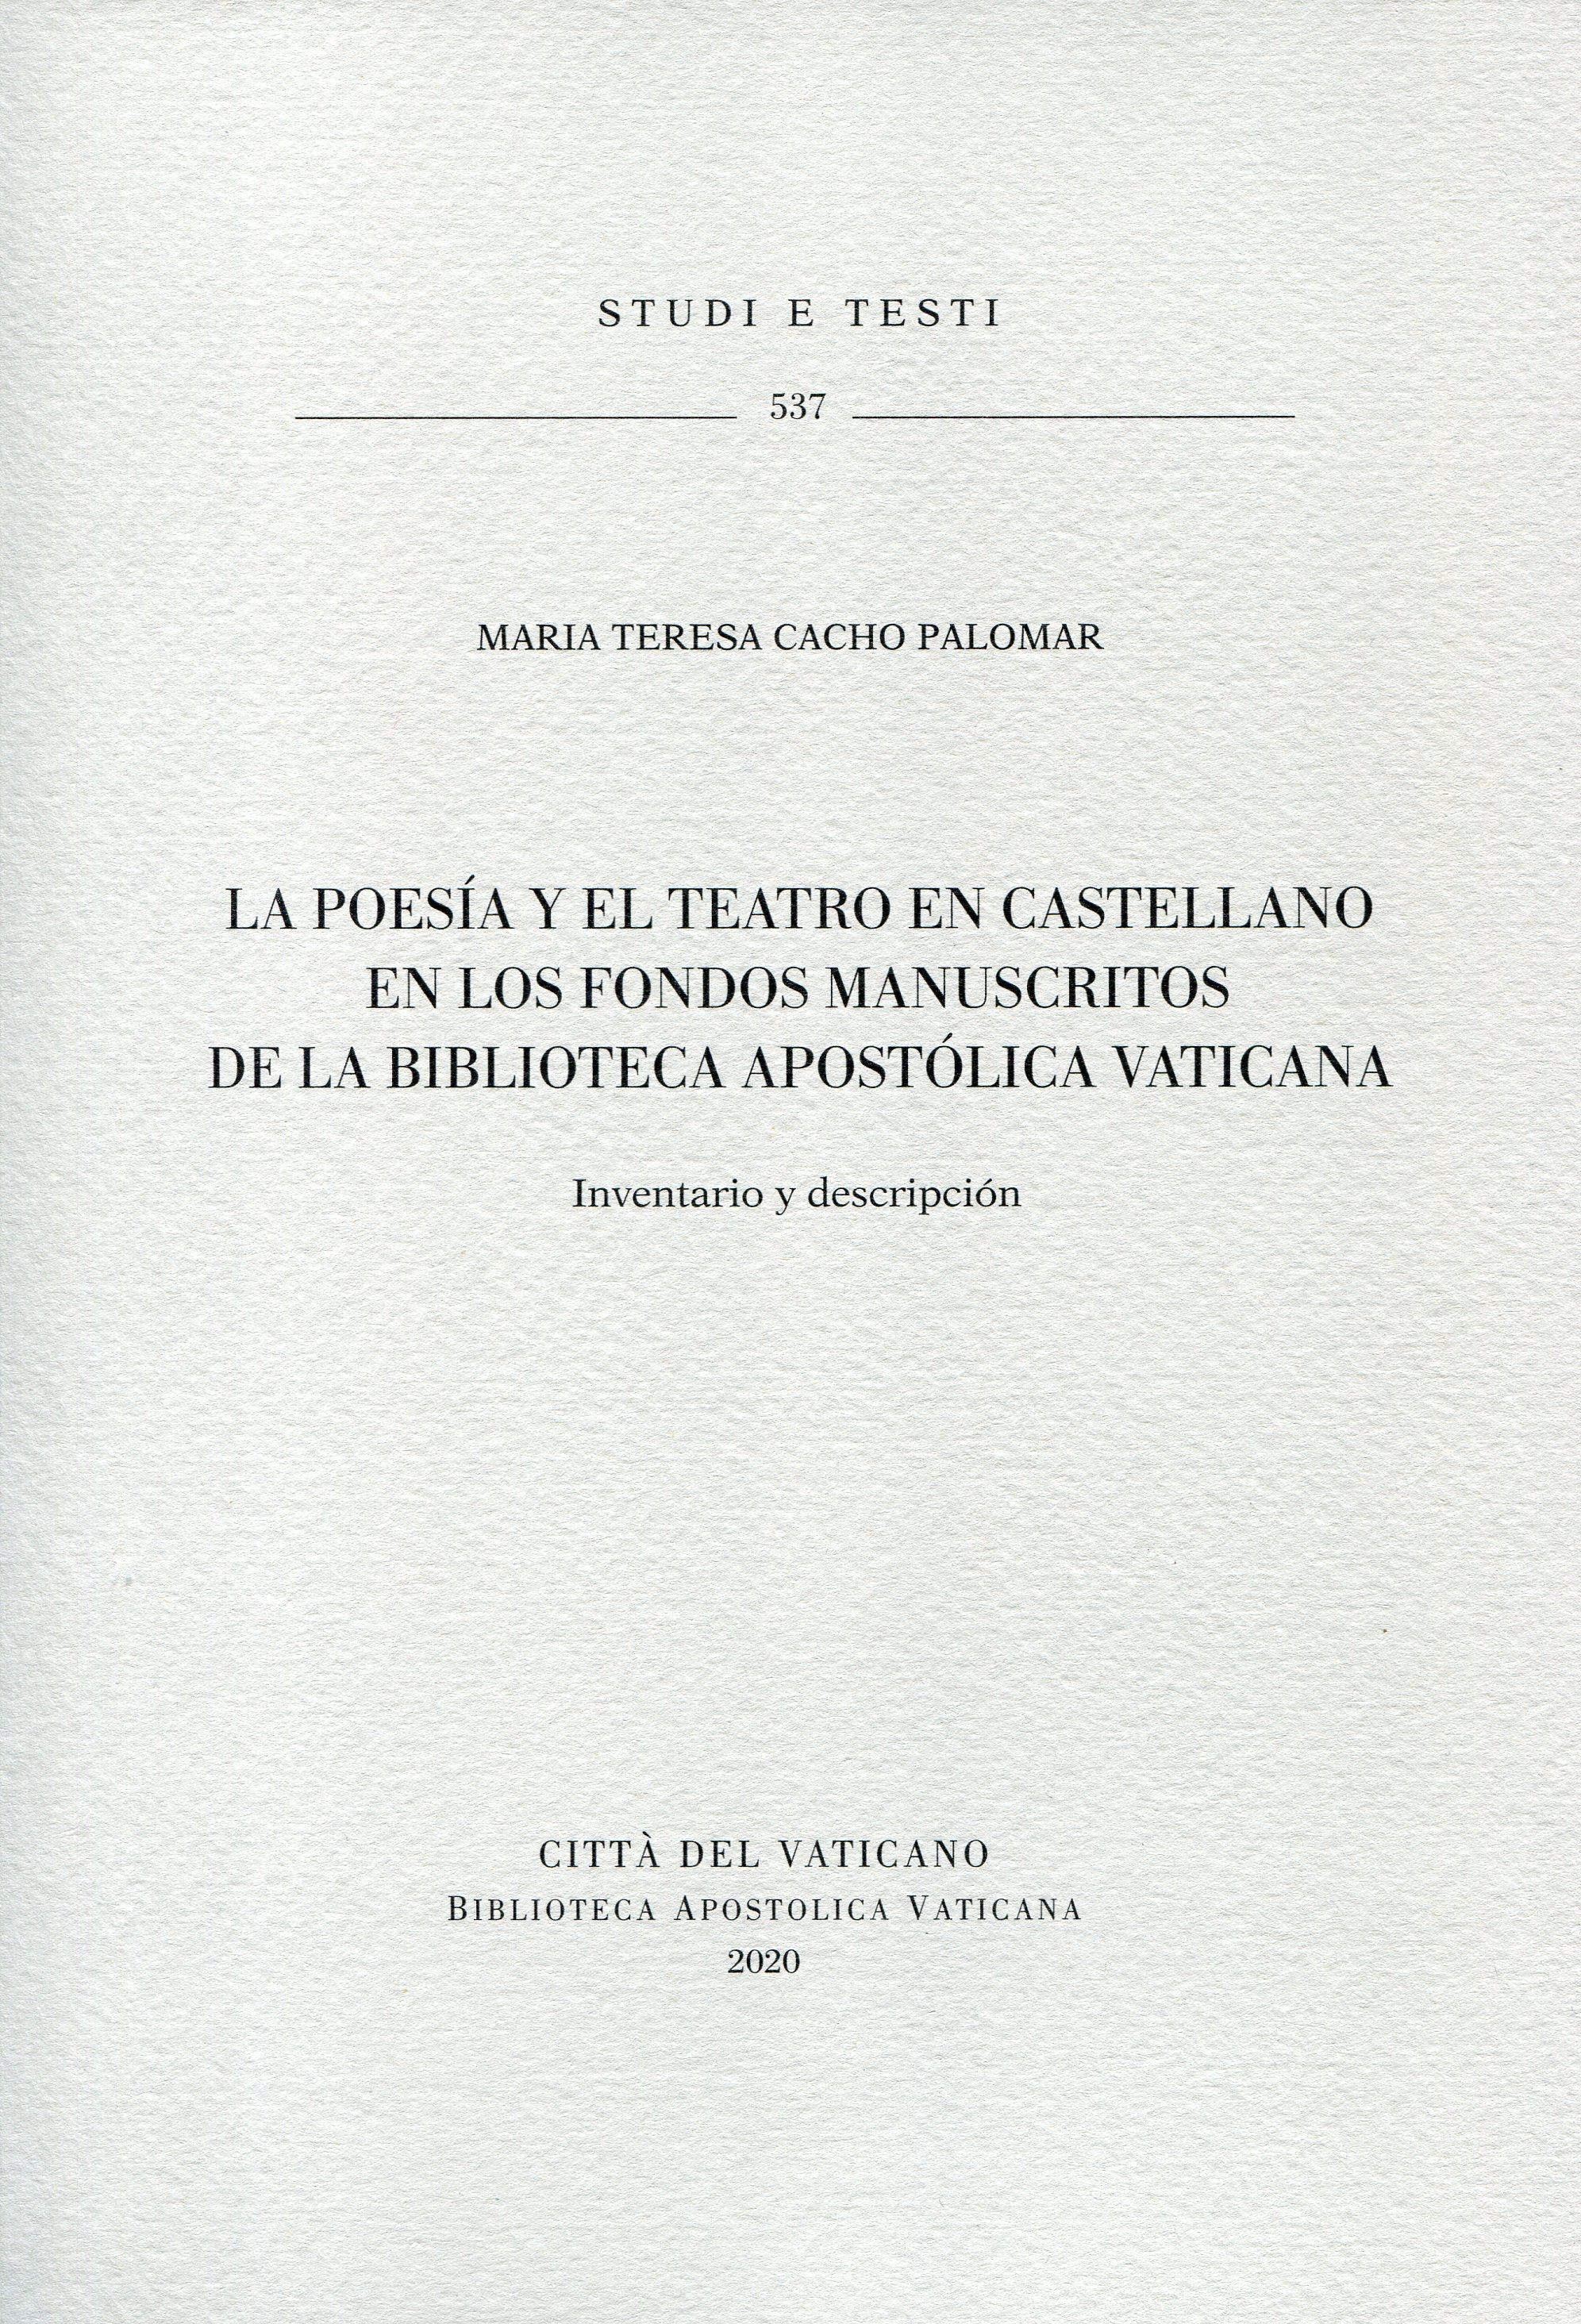 La poesía y el teatro en castellano en los fondos manuscritos de la Biblioteca Apostólica Vaticana. Inventario y descripción.